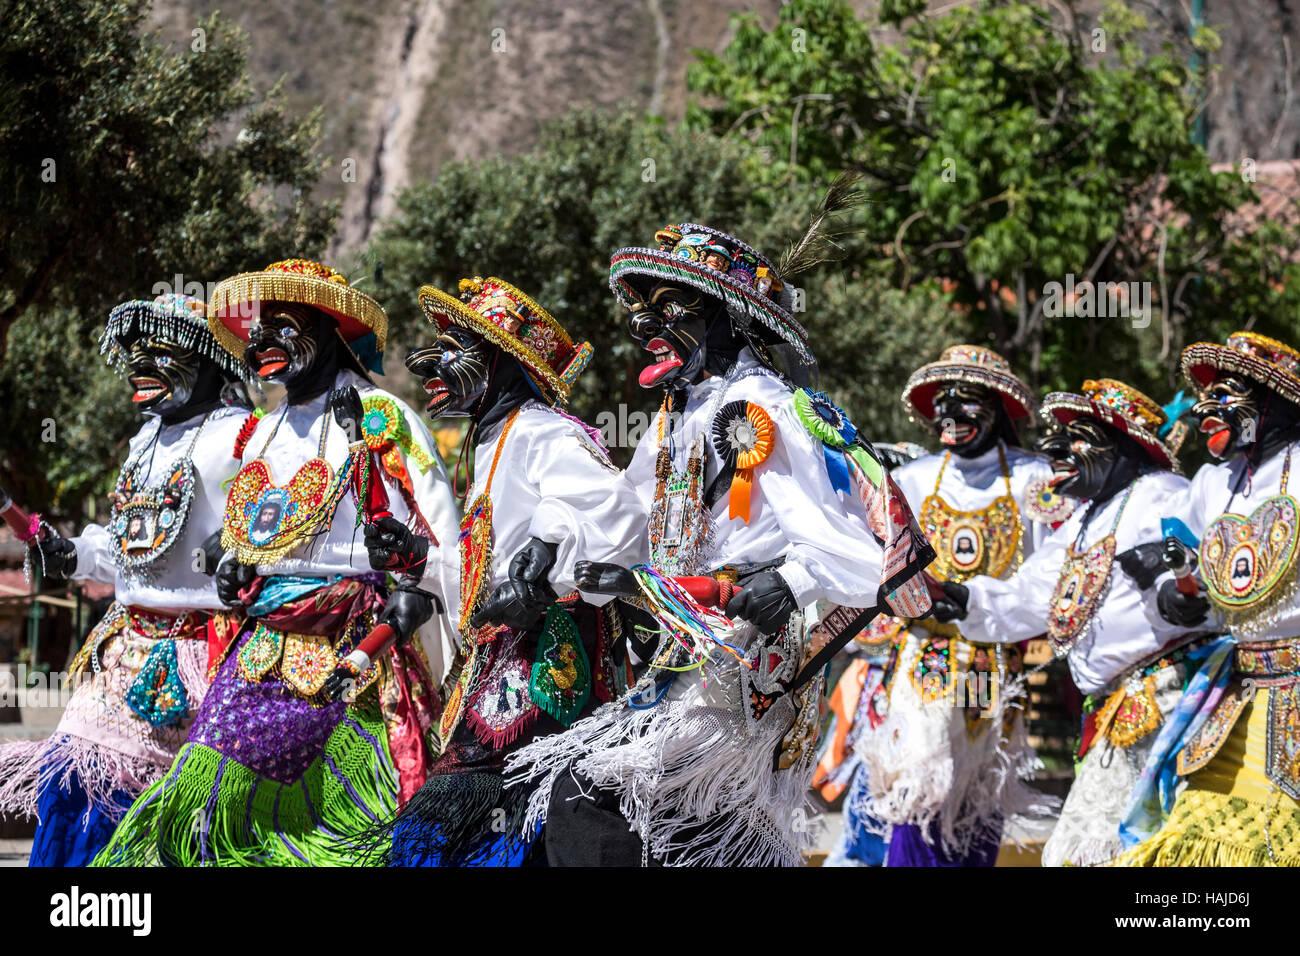 Los hombres vestían trajes coloridos durante la procesión religiosa, Ollantaytambo, Cusco, Perú Imagen De Stock